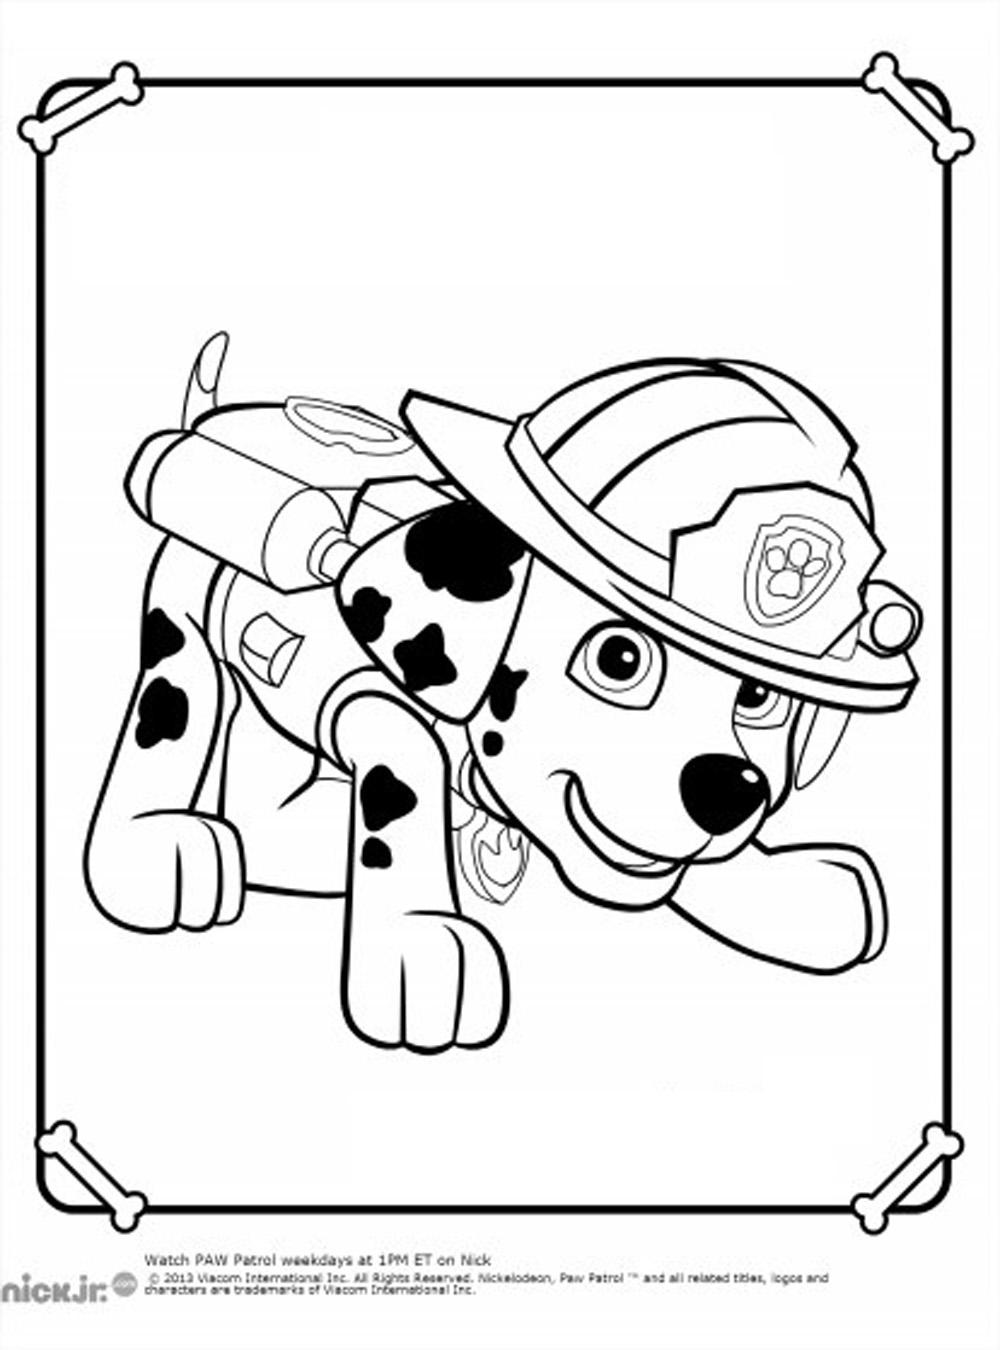 Image du dalmatien Marcus (Marshall) à imprimer et colorier